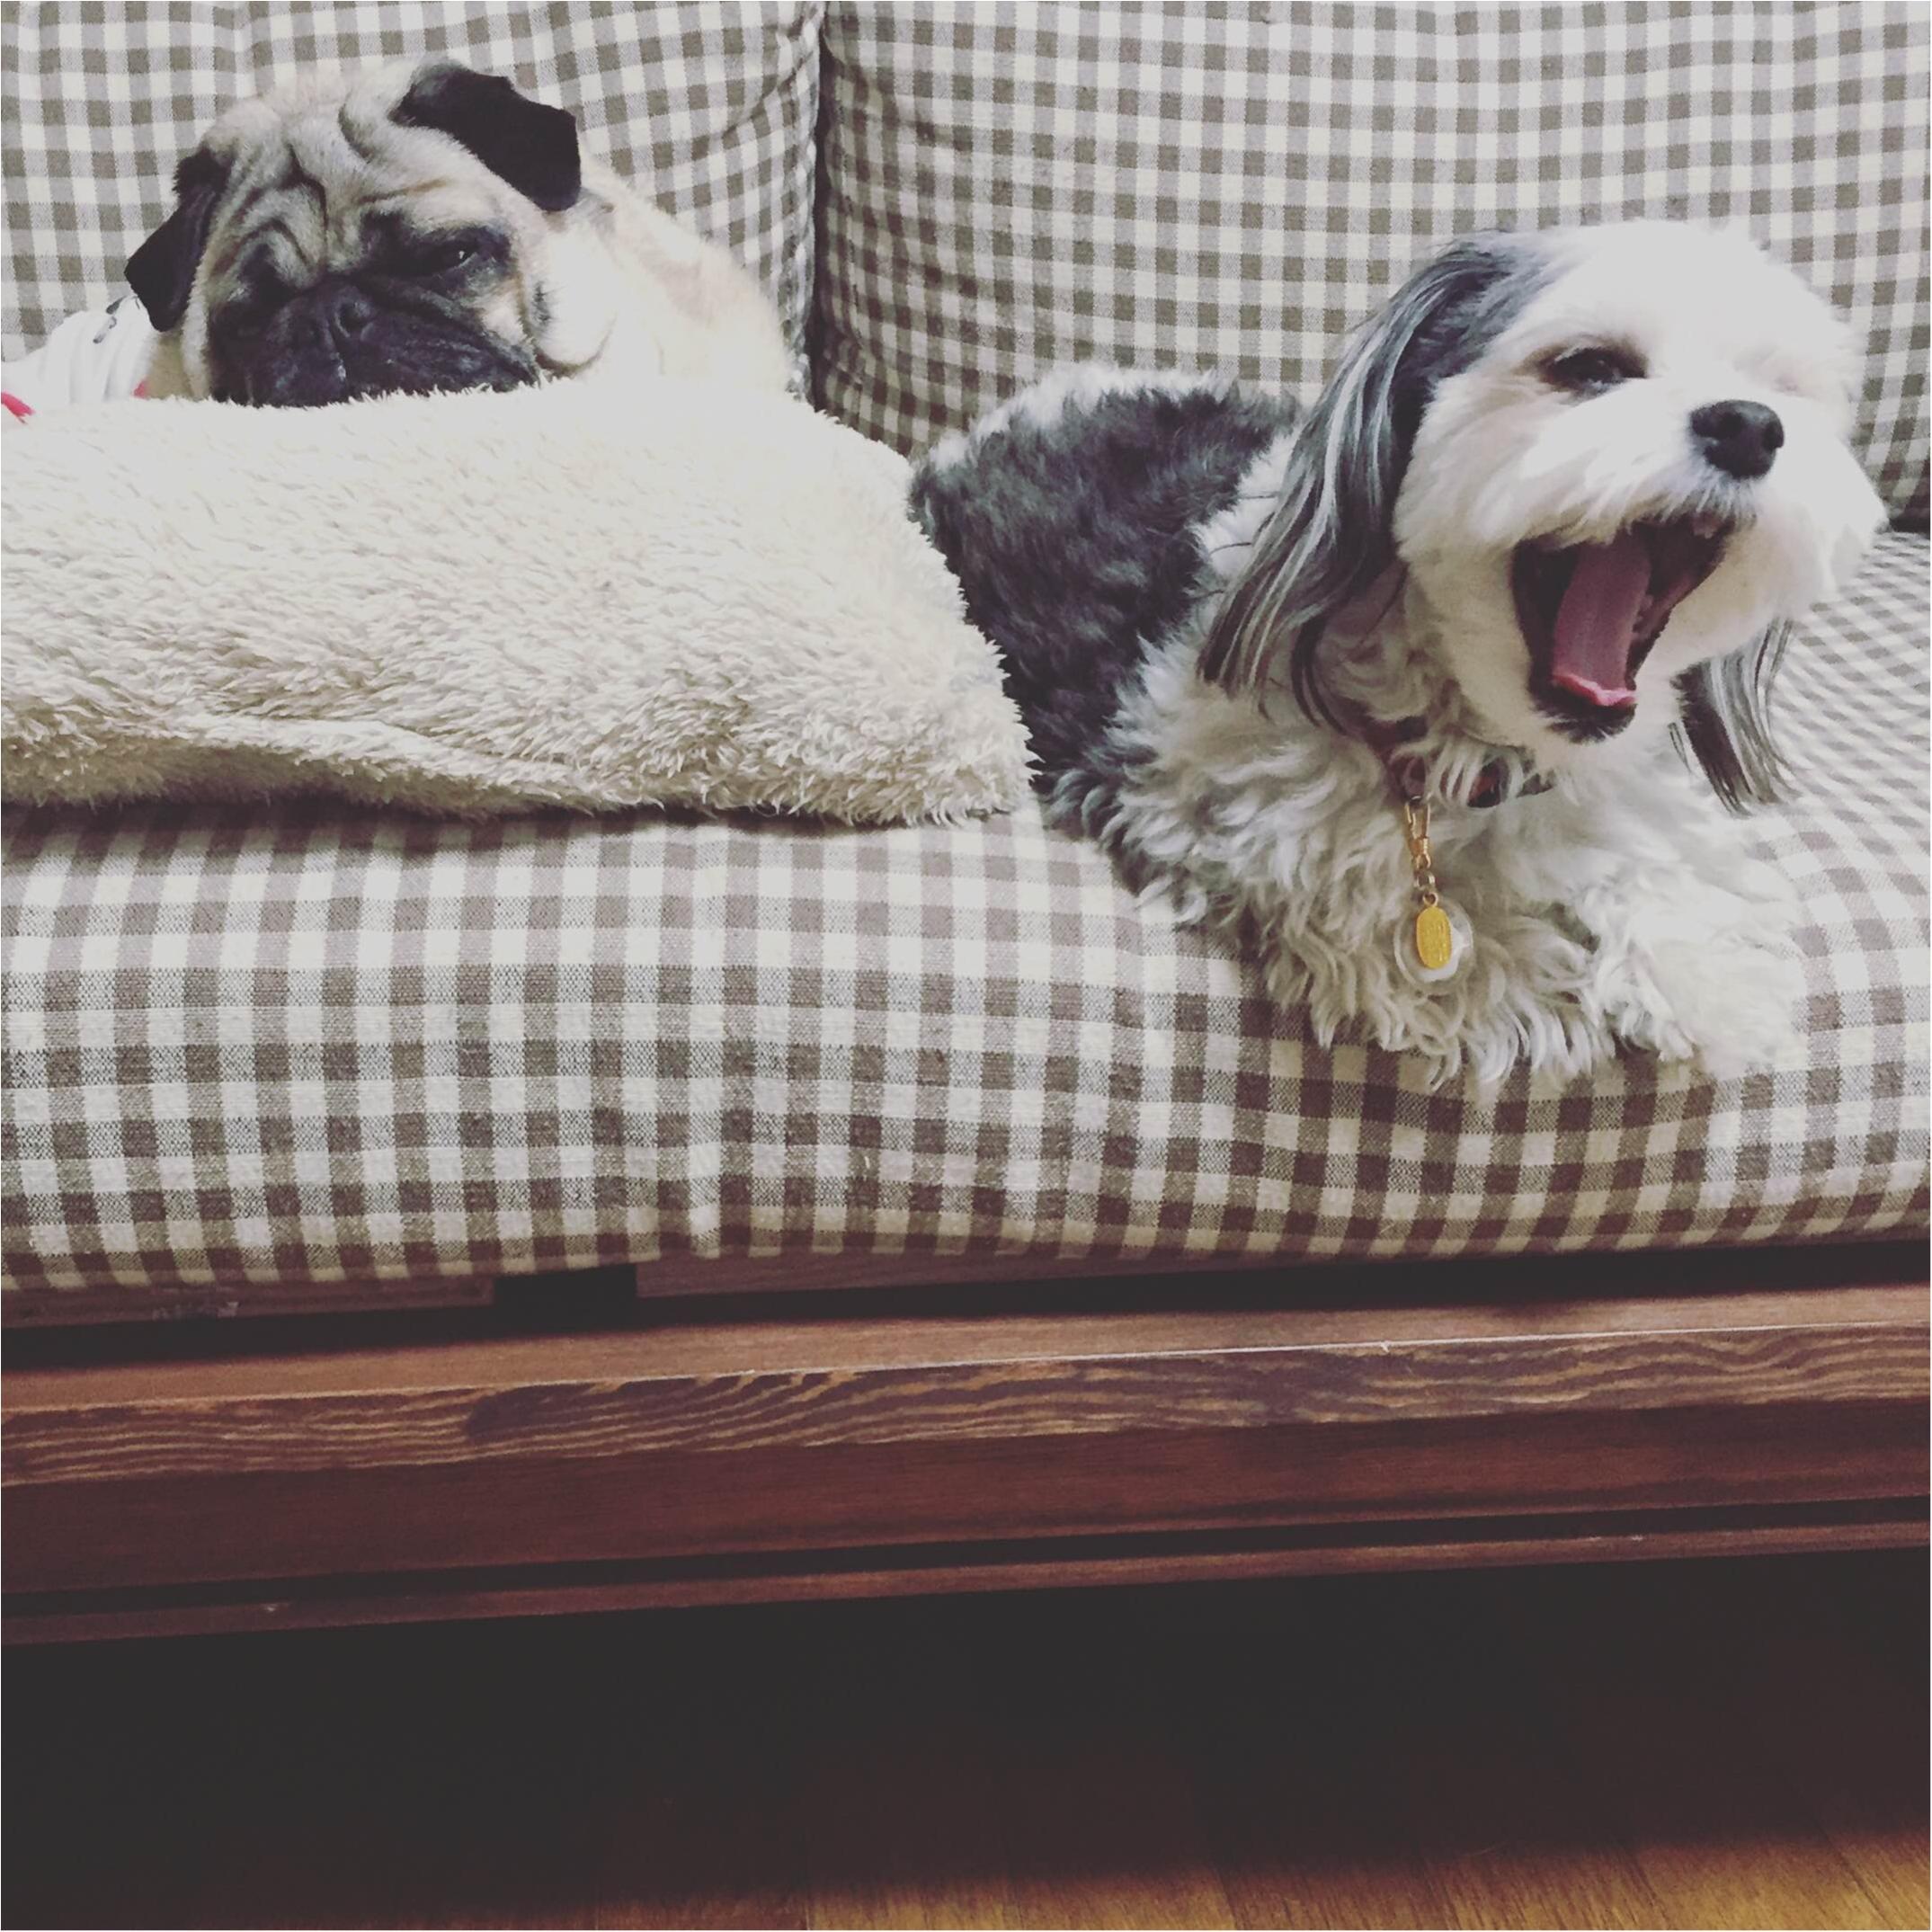 【今日のわんこ】 ソファーの上でお友達とリラックスする太郎くん♪_1